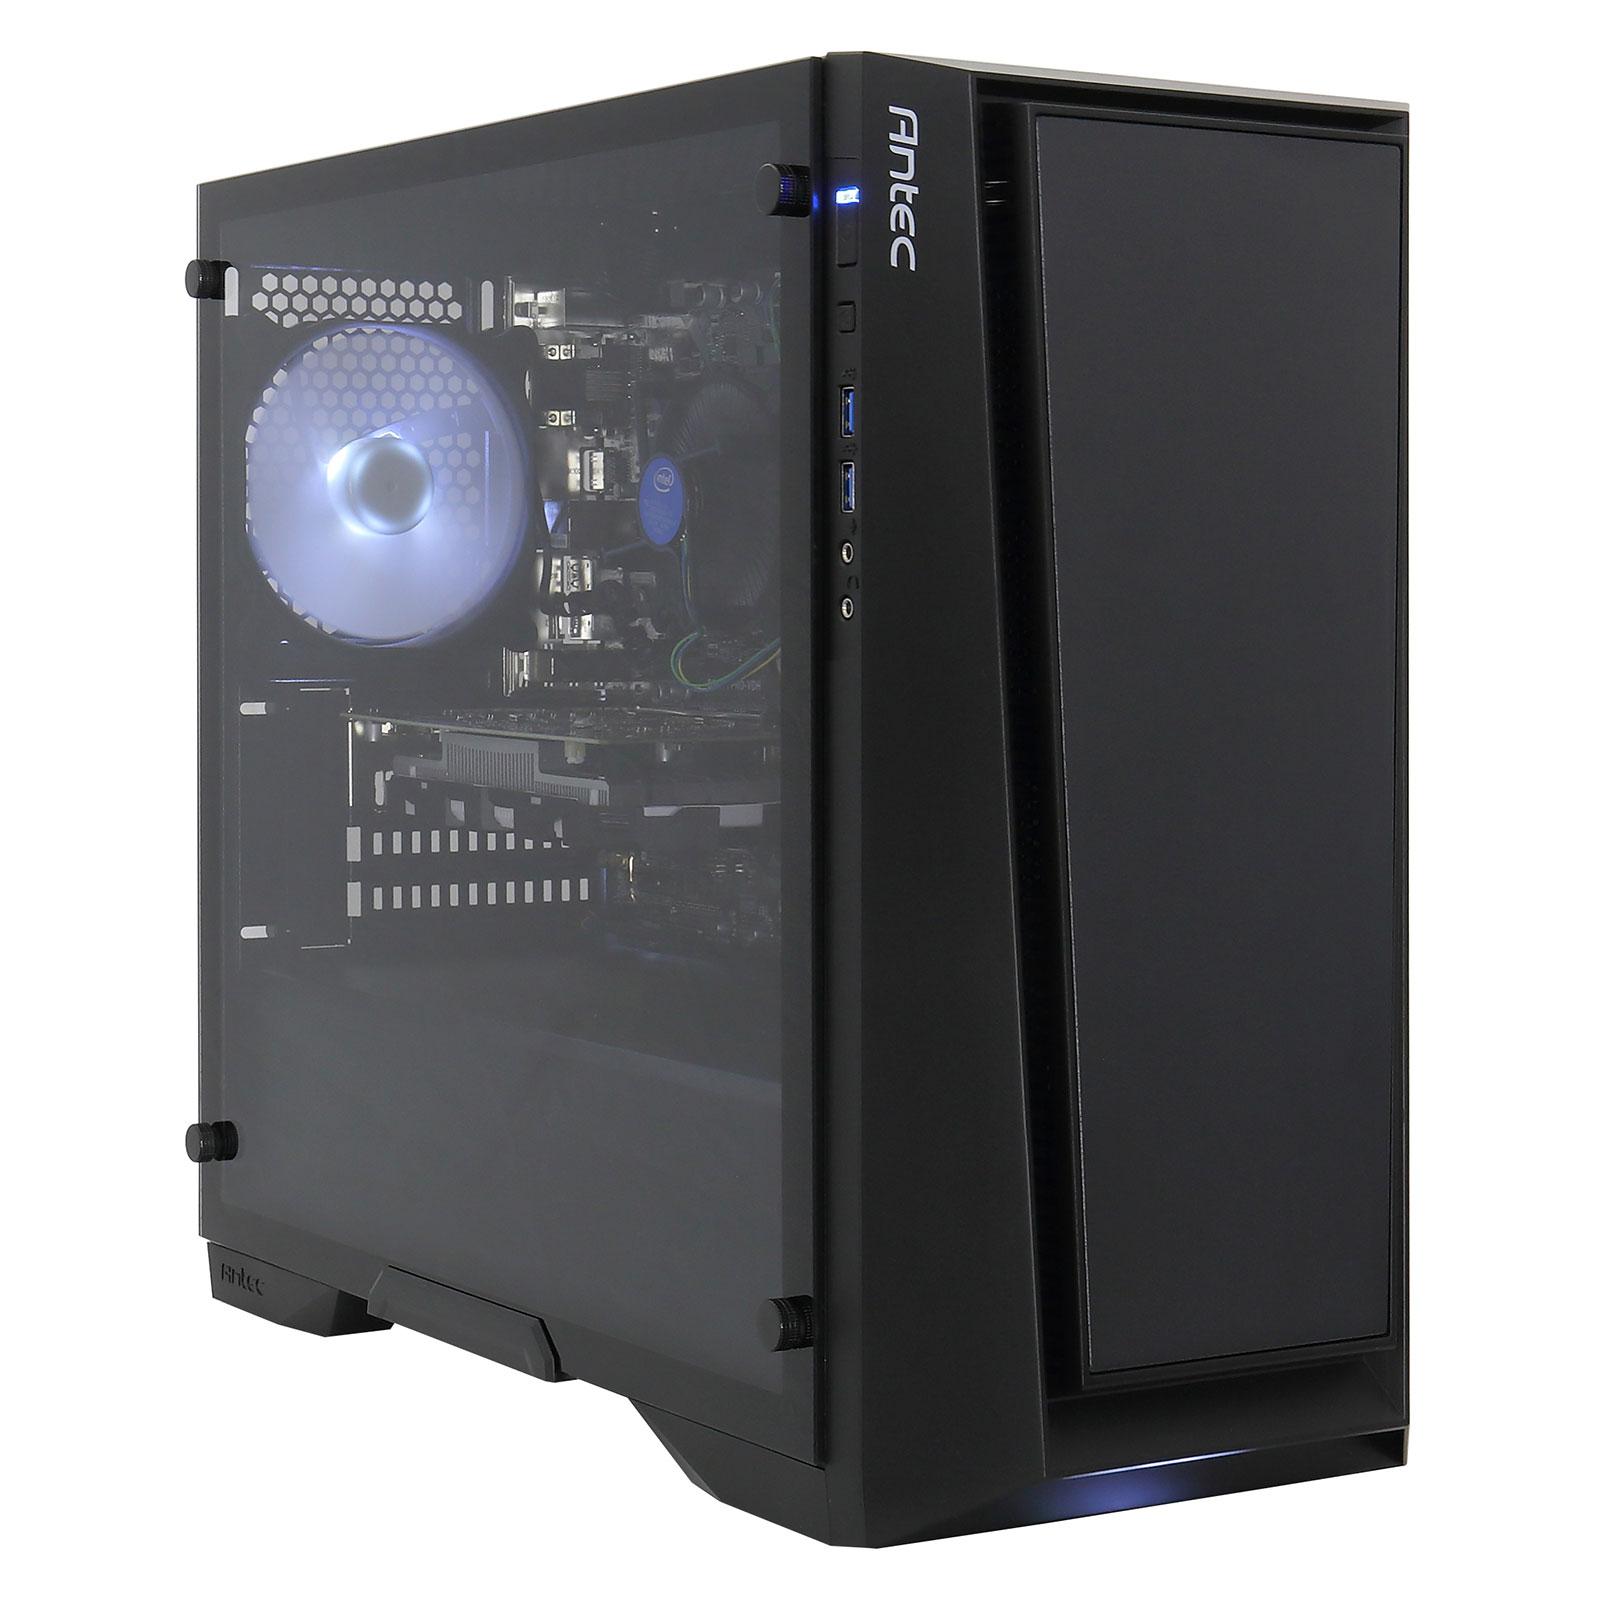 PC de bureau LDLC PC10 Battlebox Mini Intel Core i5-8400 (2.8 GHz) - DDR4 8 Go - SSD M.2 240 Go -  NVIDIA GTX 1050 Ti 4 Go Windows 10 Famille 64 bits (monté)